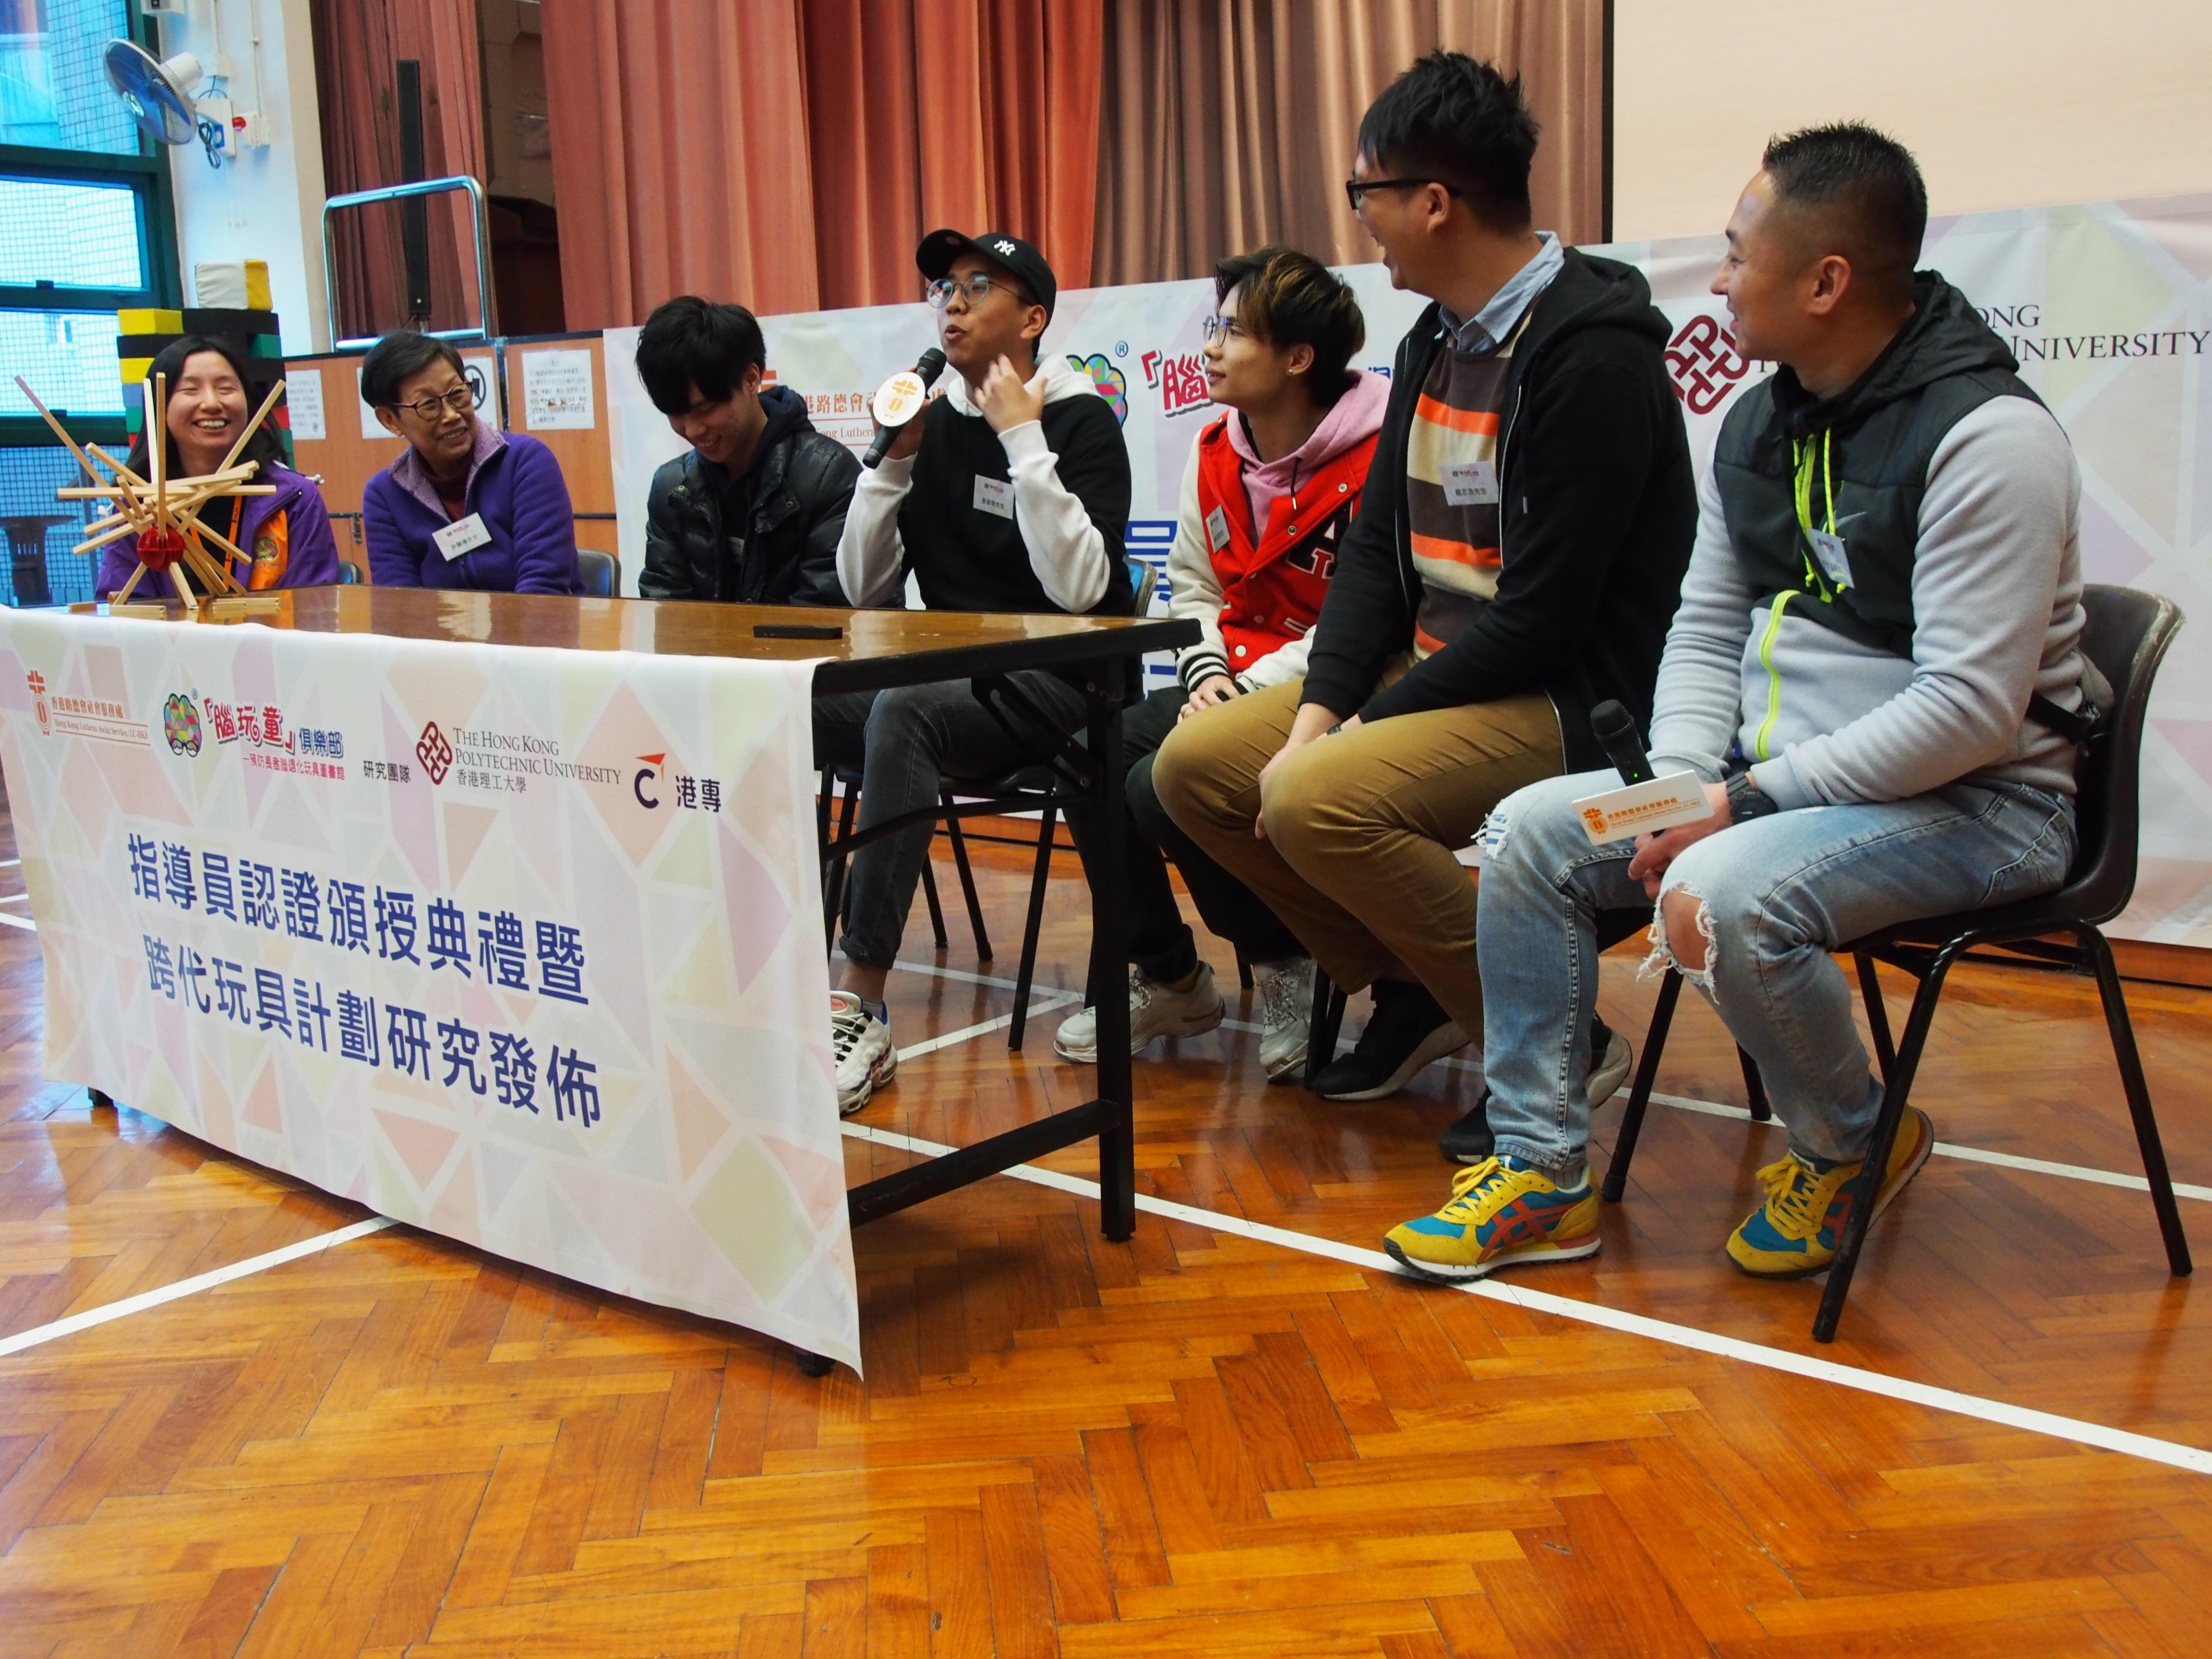 長者鄰社中心長者會員與香港專業進修學校的學生一同參與「銀青玩具俱樂部」